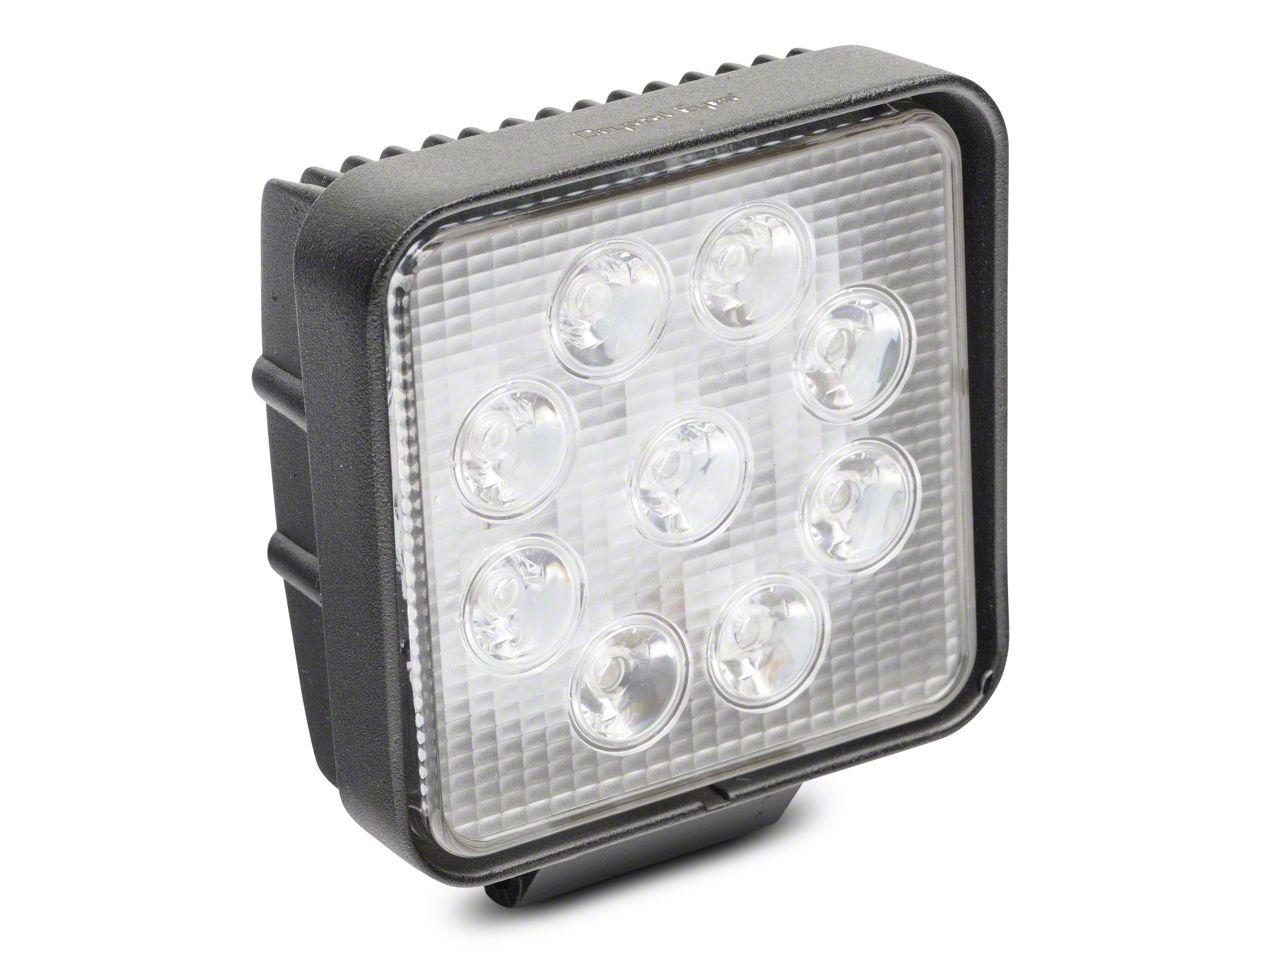 Alteon 4 in. Work Visor LED Cube Light - 30 Degree Flood Beam